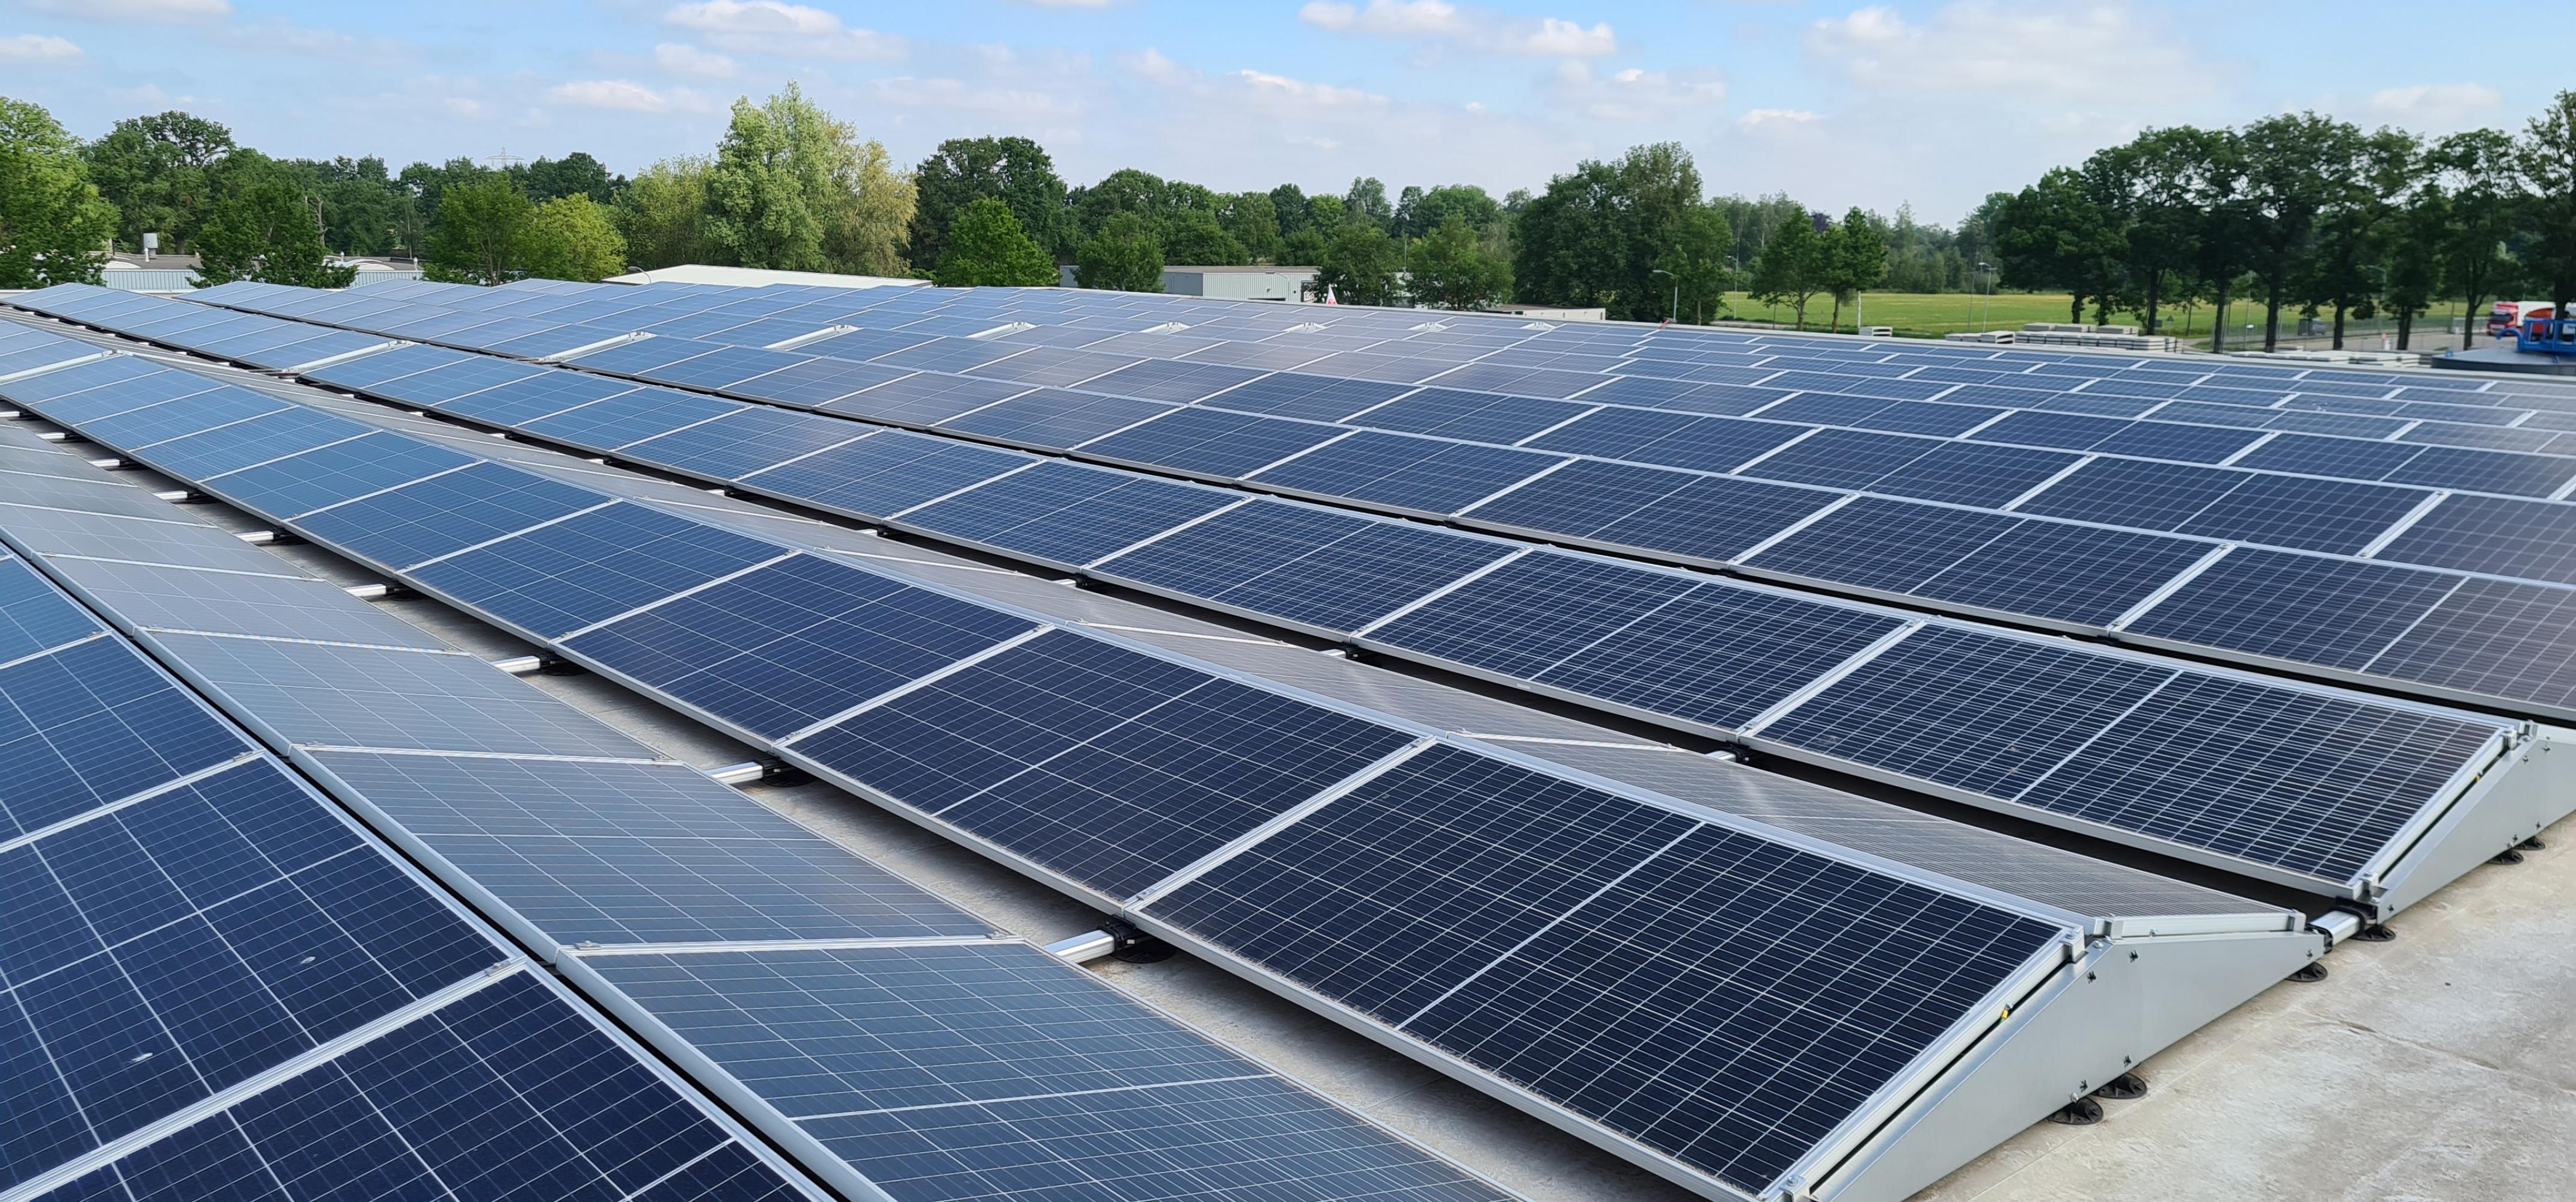 Swaans Agra produceert energieneutraal